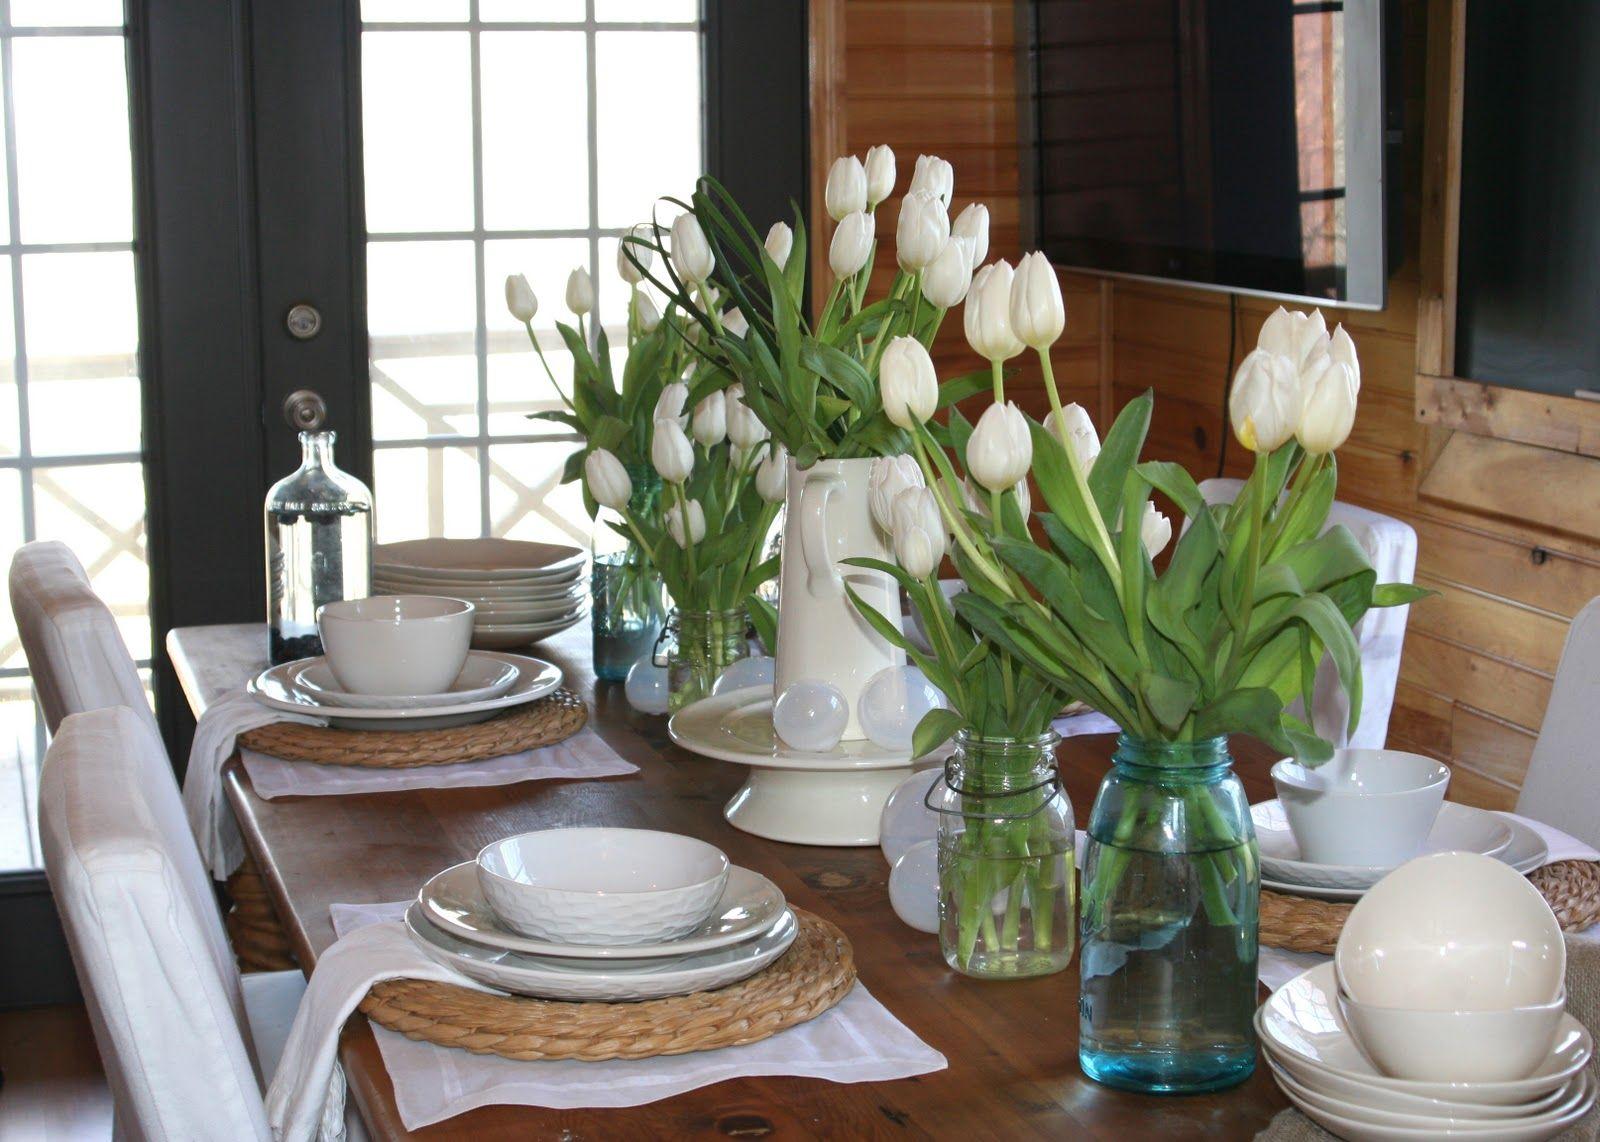 3 أفكار سهلة لتزيين طاولة الطعام بديكور جذاب ومميز